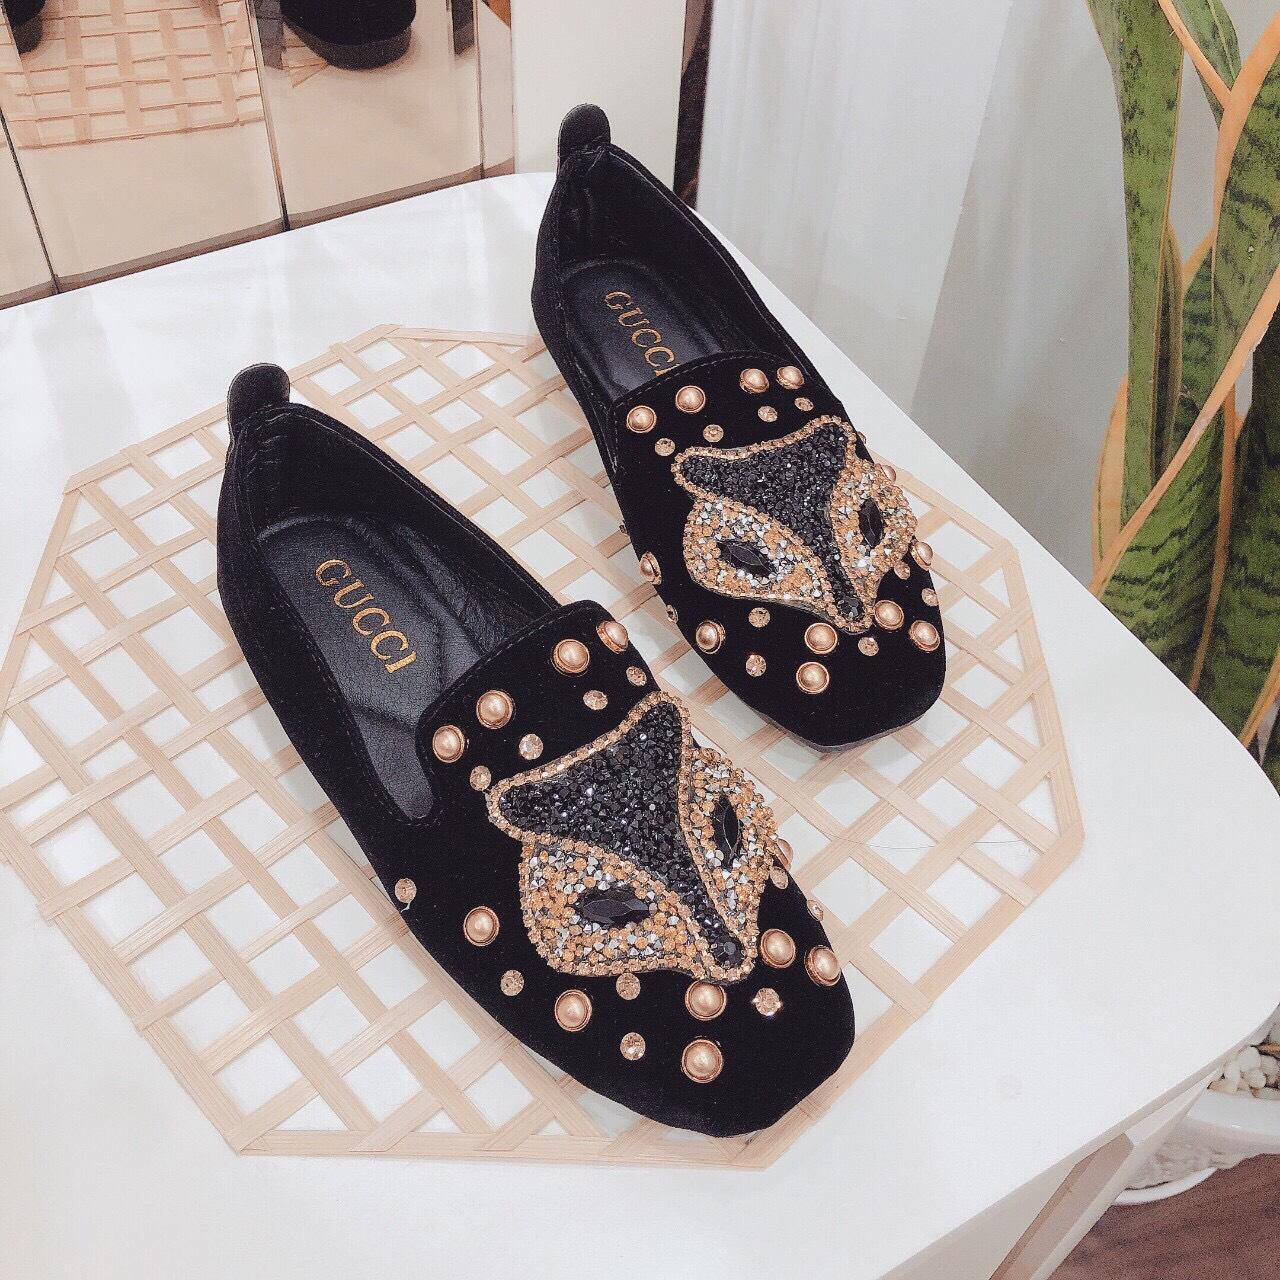 Những đôi giày đến từ thương hiệu lớn luôn thu hút phái đẹp